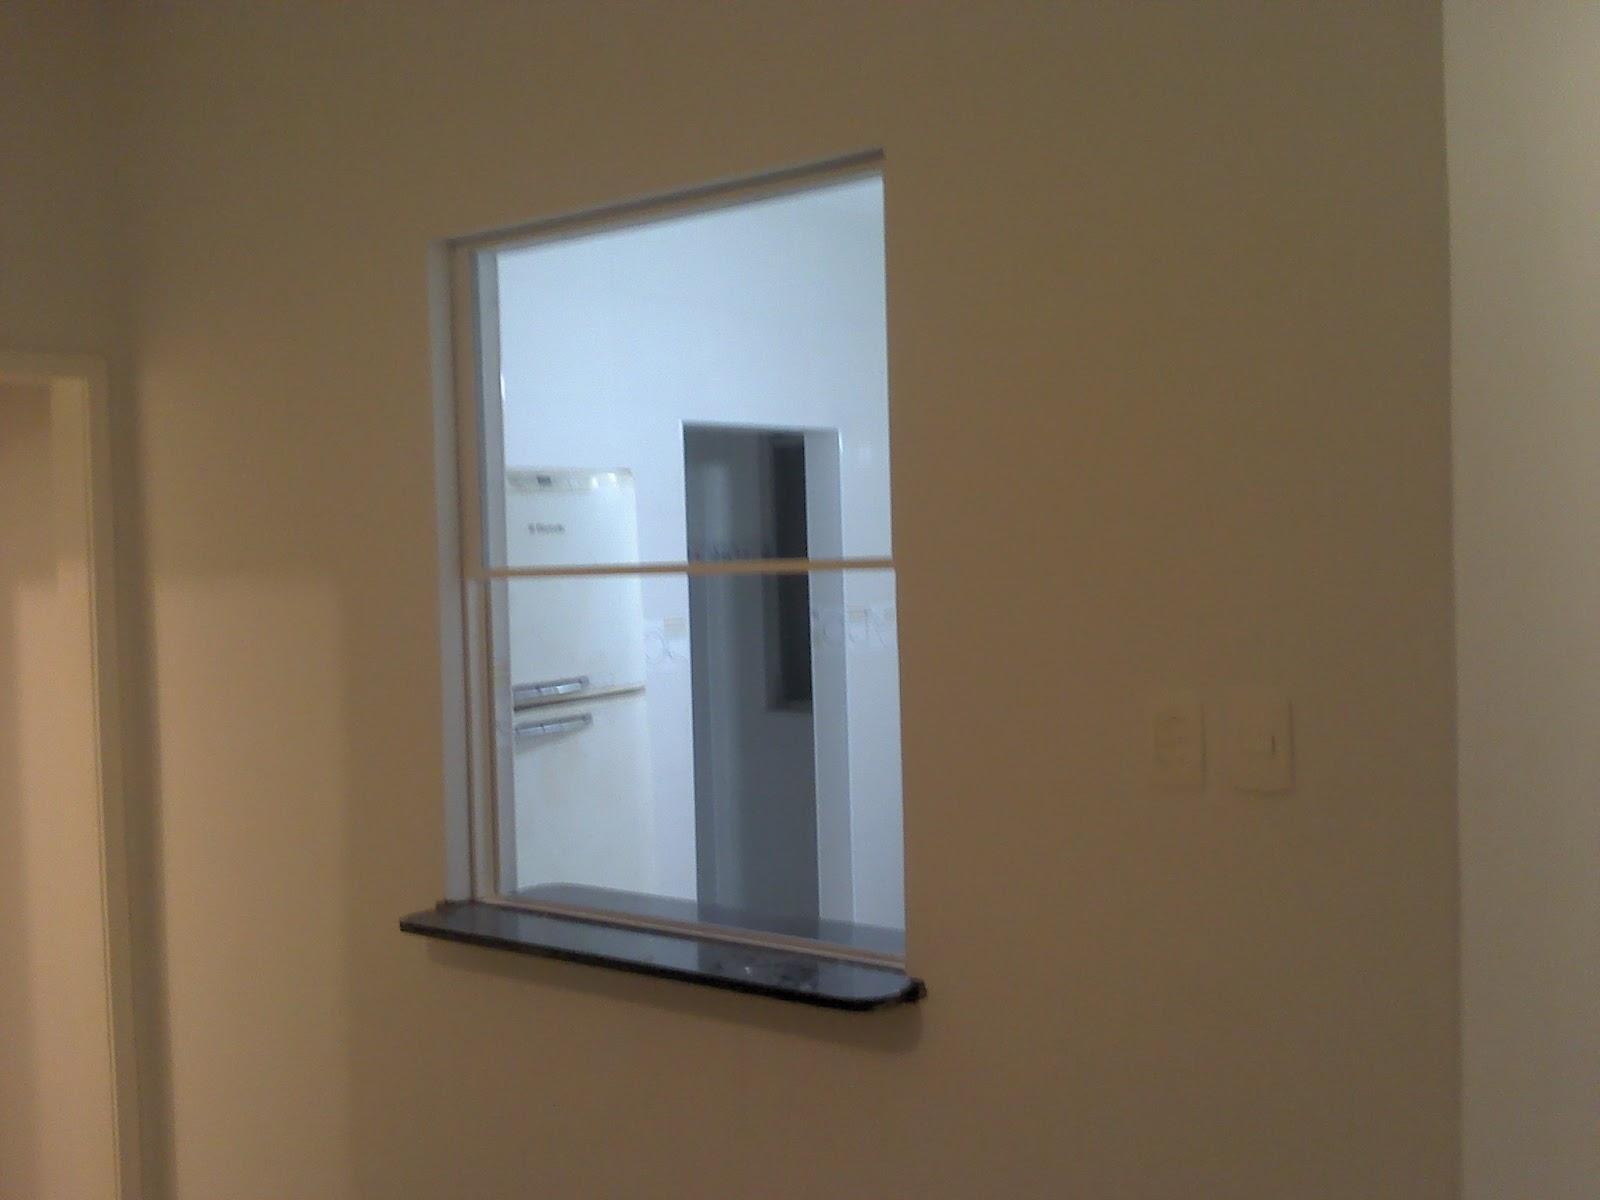 #356996  de desmontagem e pintura da janela ( relembre como ele pintou a janela 1330 Preço De Janelas De Aluminio Na Leroy Merlin